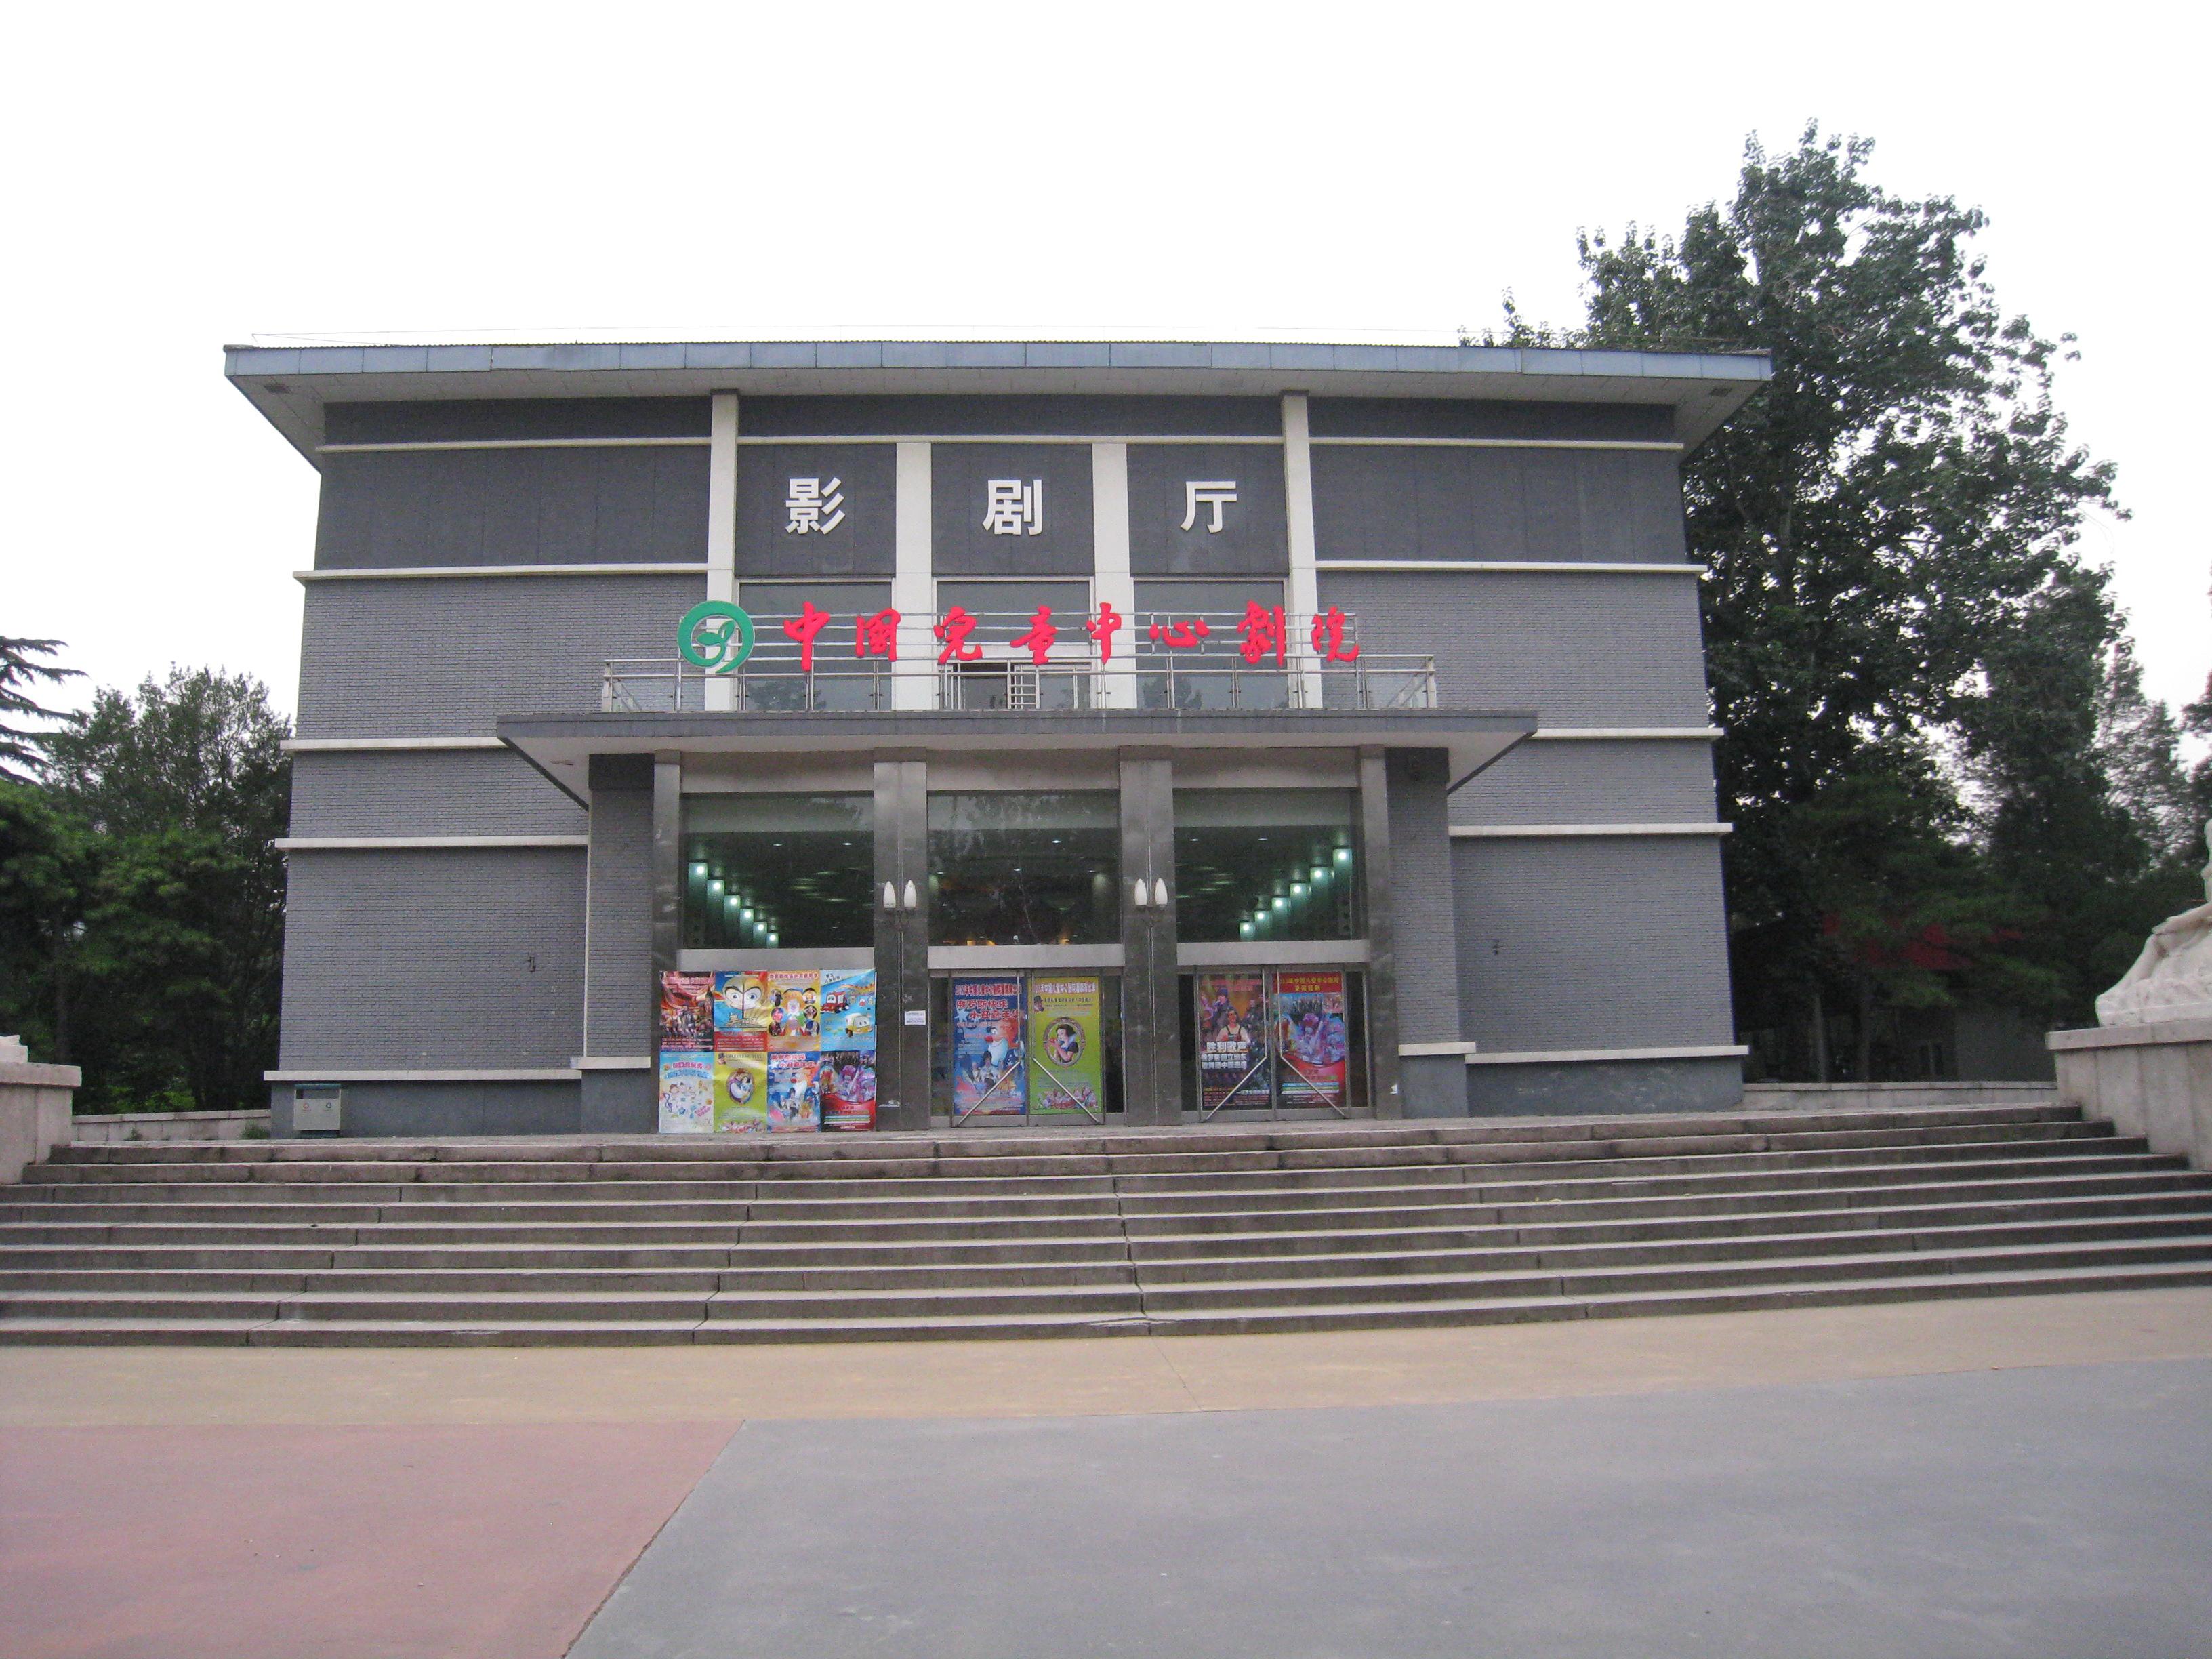 中国儿童中心_中国儿童中心剧院 - 中国儿童中心剧院